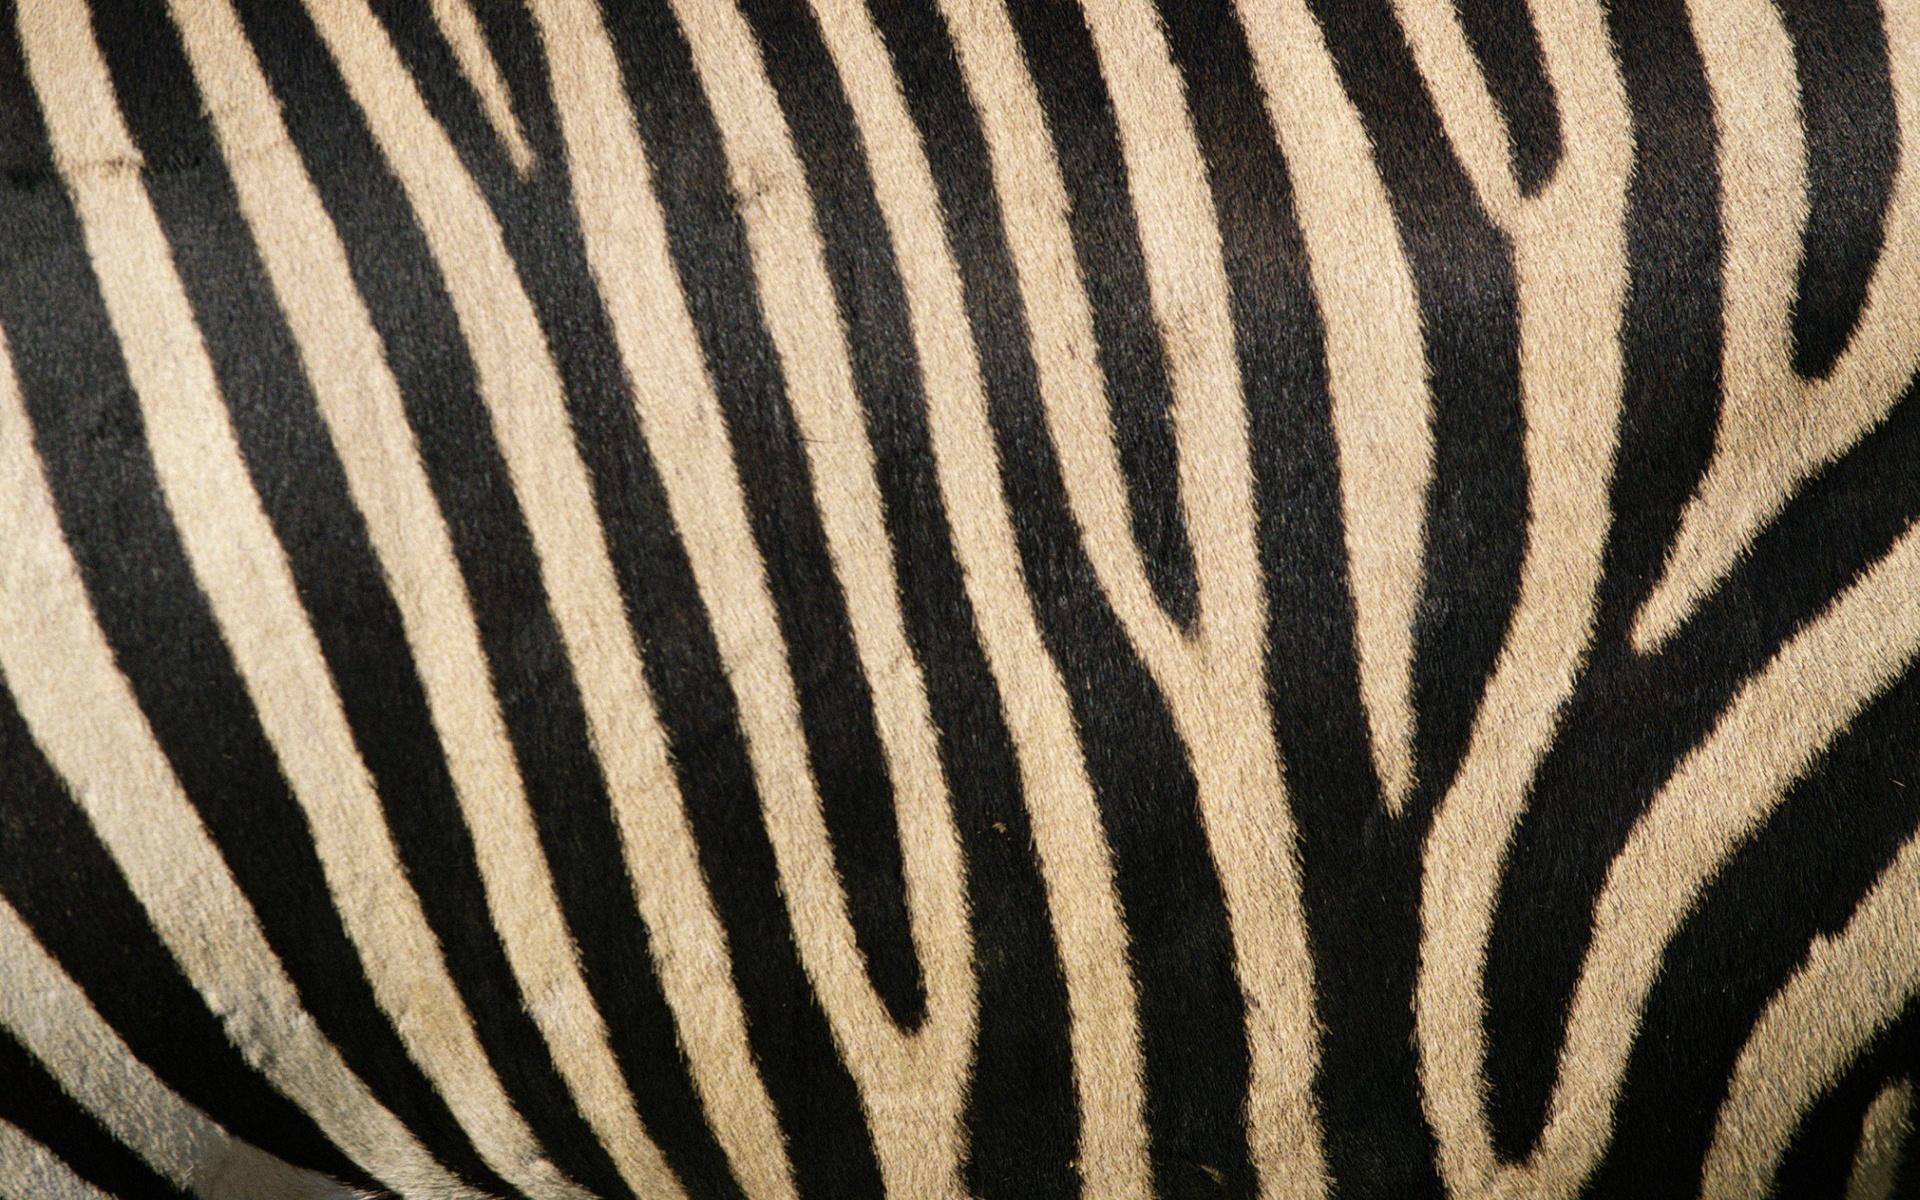 1920x1200 Zebra stripes desktop PC and Mac wallpaper 1920x1200